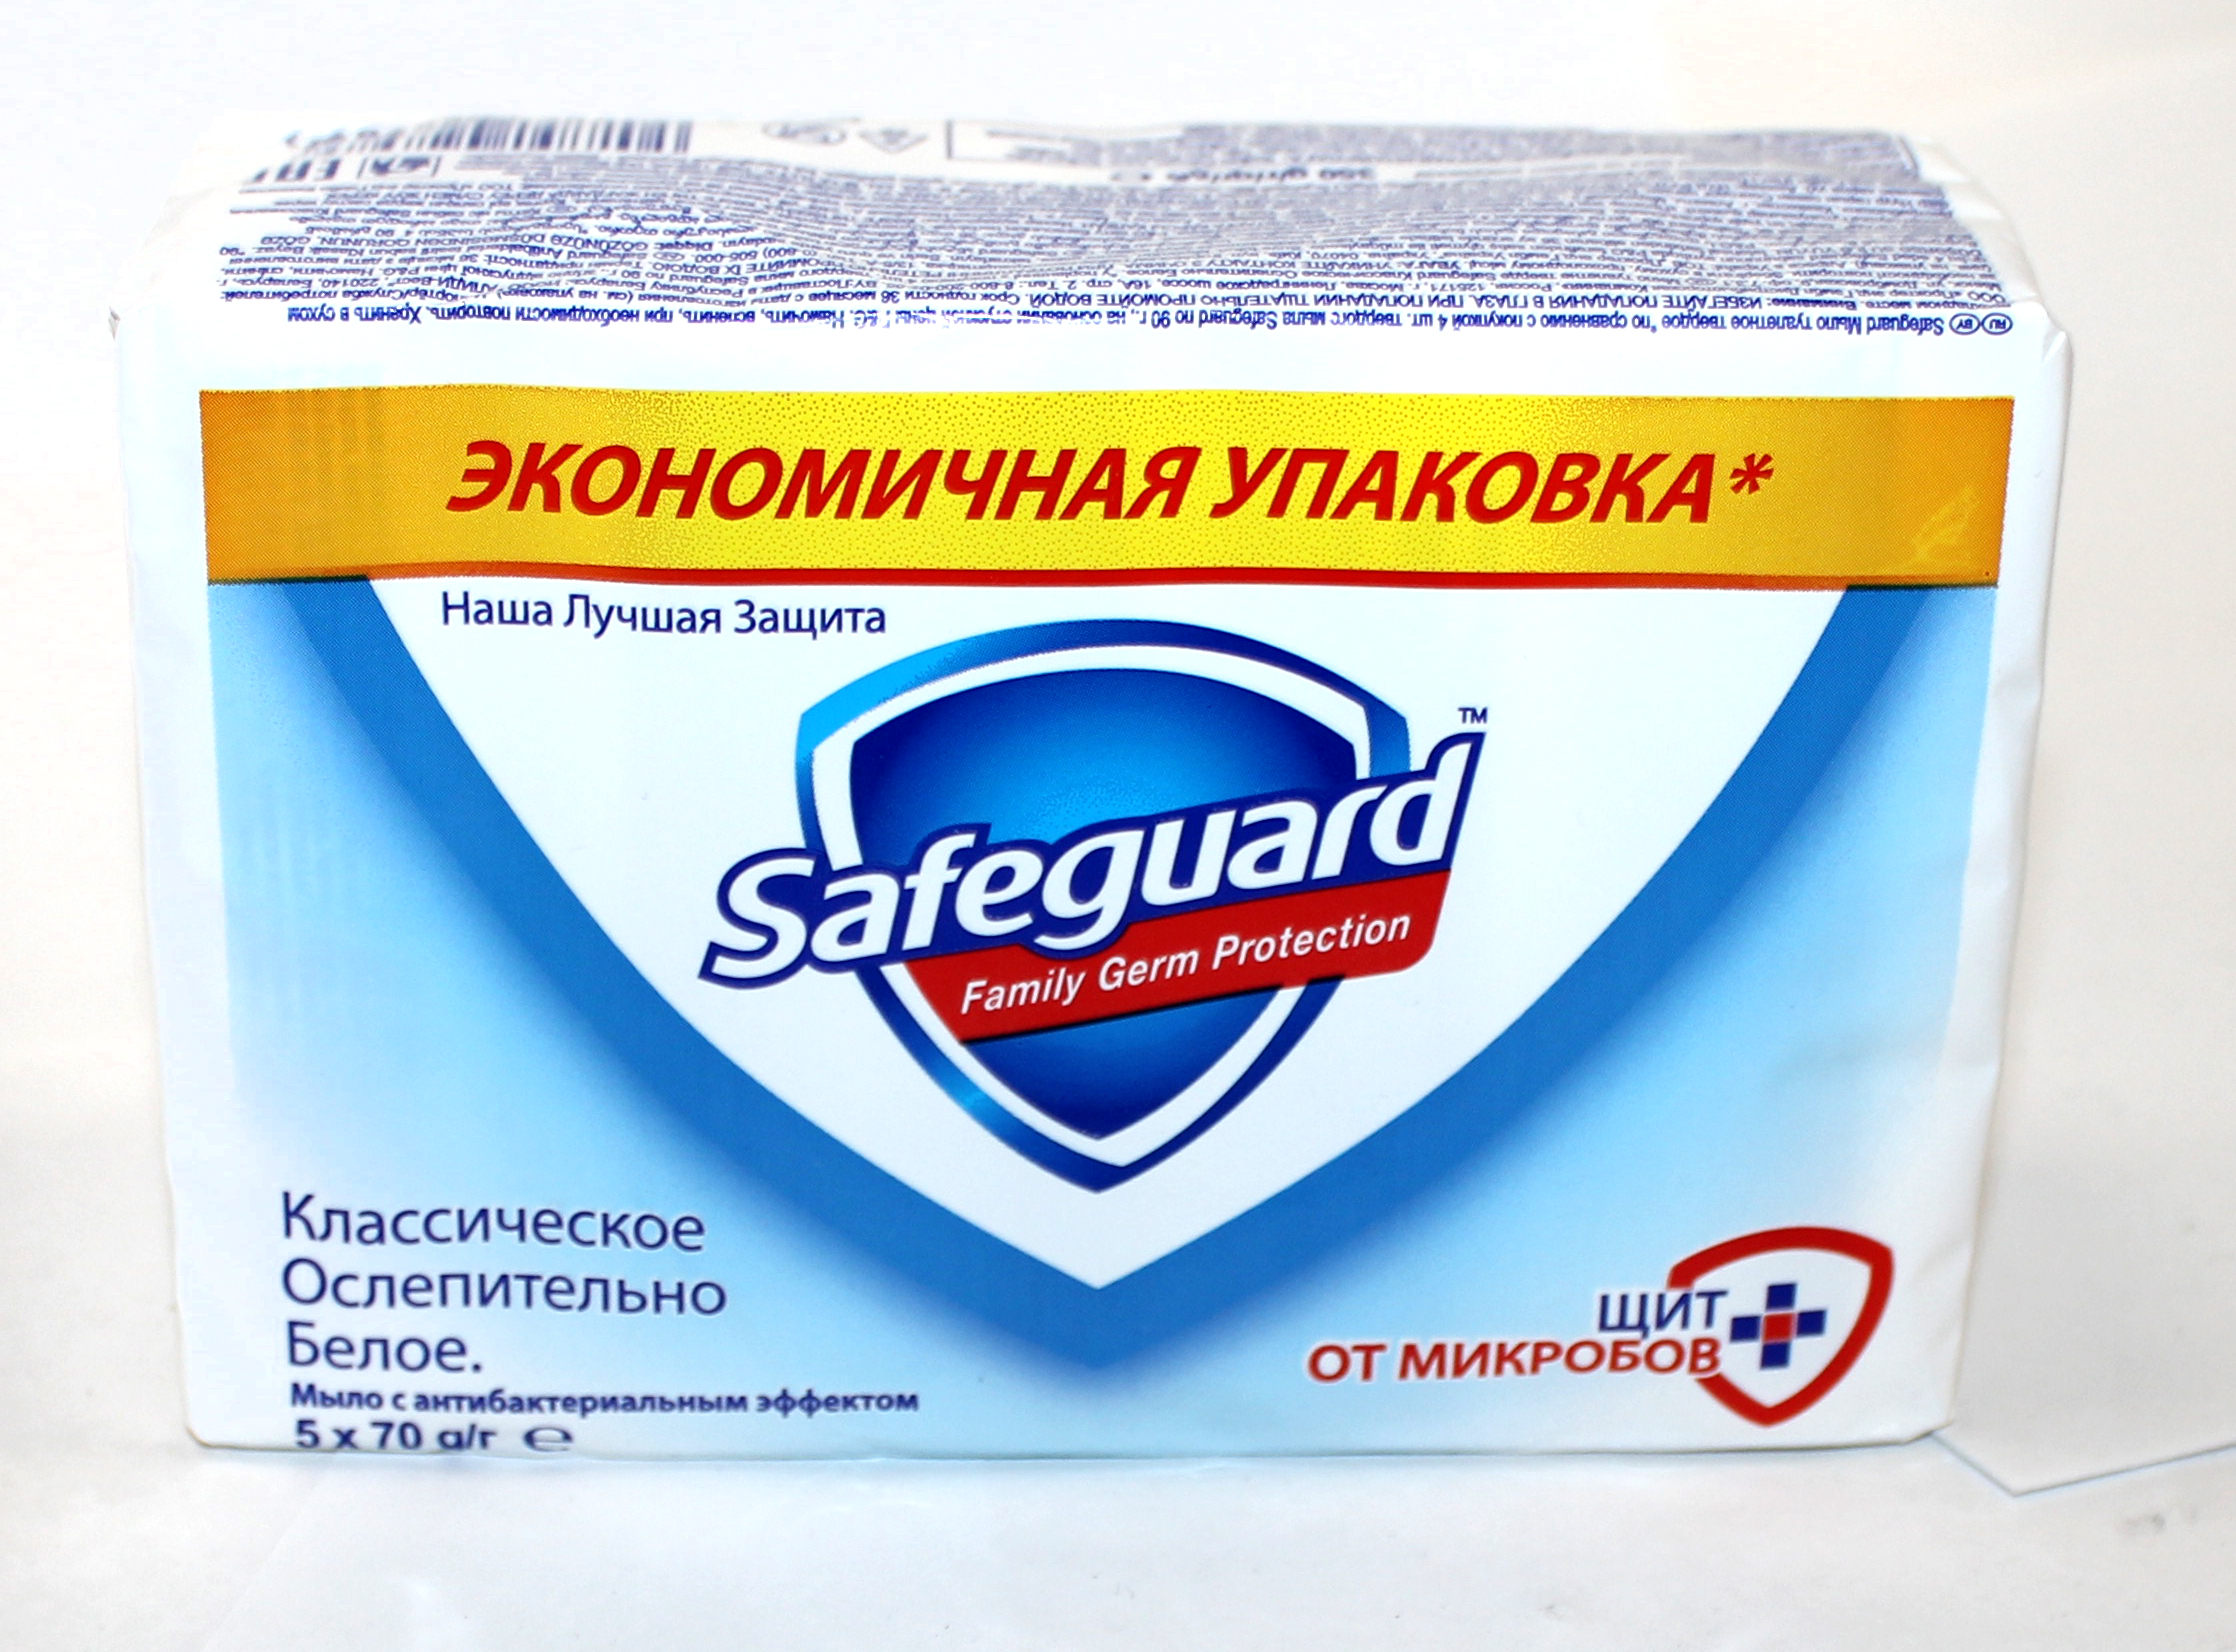 SAFEGUARD - МЫЛО SAFEGUARD 70гр*5шт КЛАССИЧЕСКОЕ 8001841028989